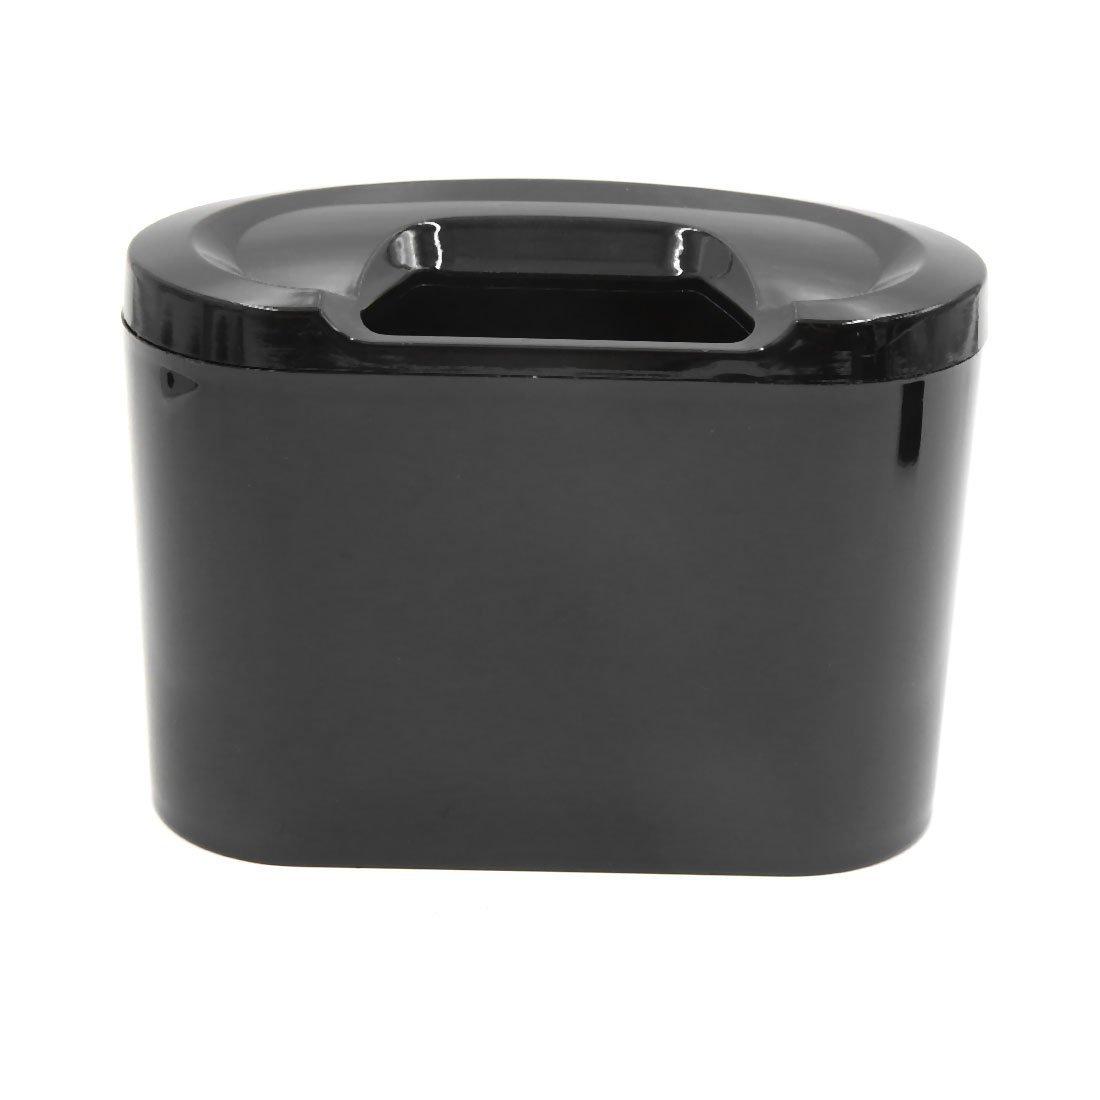 AUTUT Car Plastic Garbage Bin Portable Wastebasket